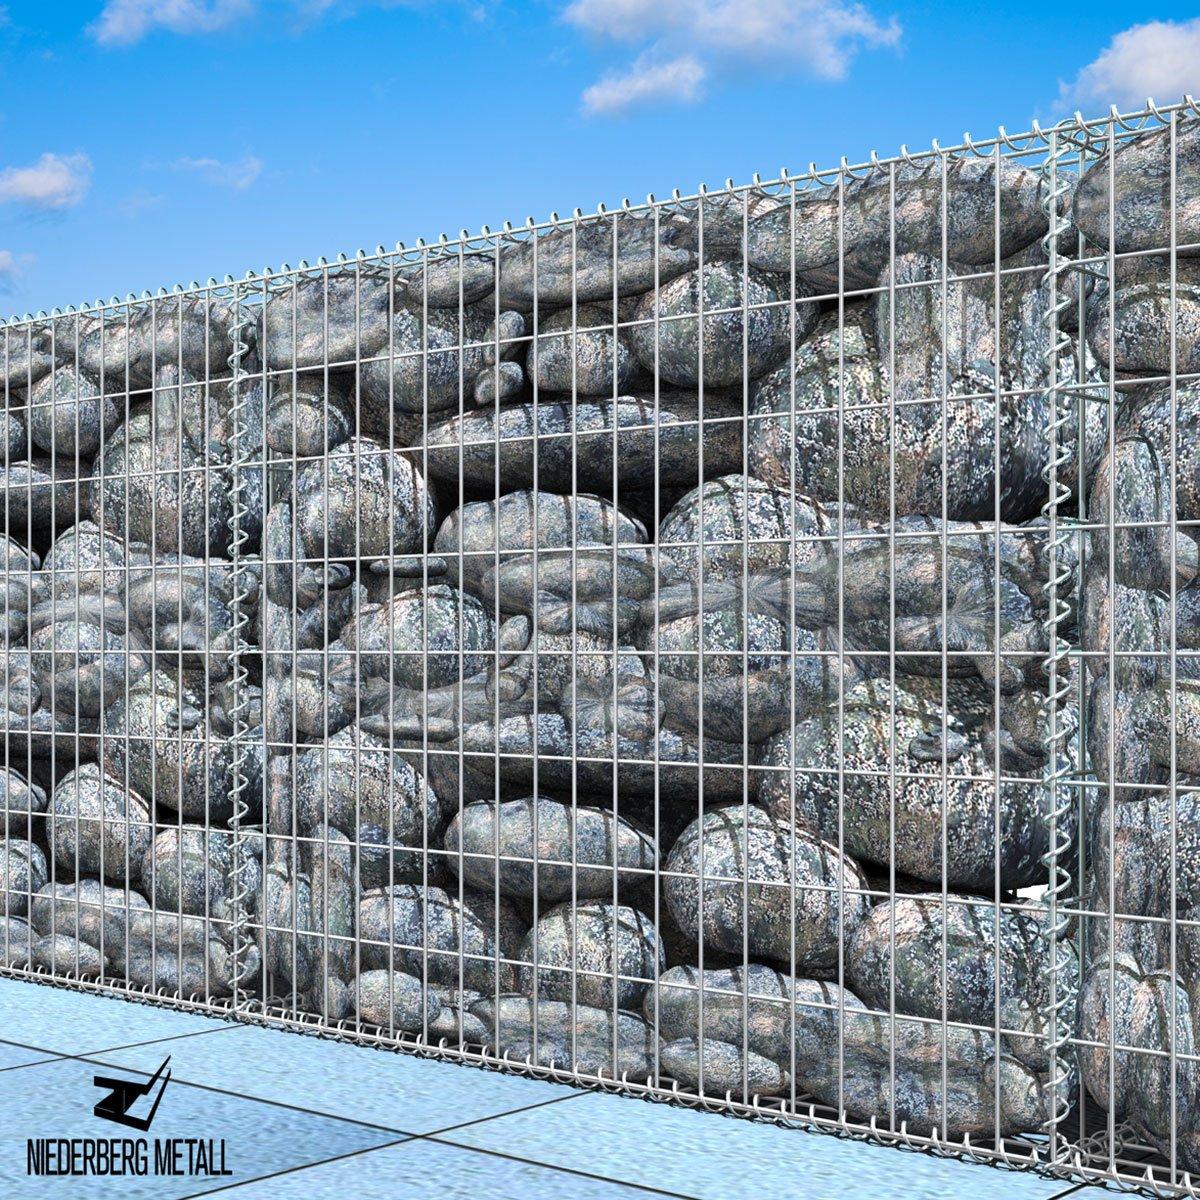 NIEDERBERG METALL Gavión 100x80x30cm Gaviones metálico para Piedras M5x10 Jaula Cesta de Alambre